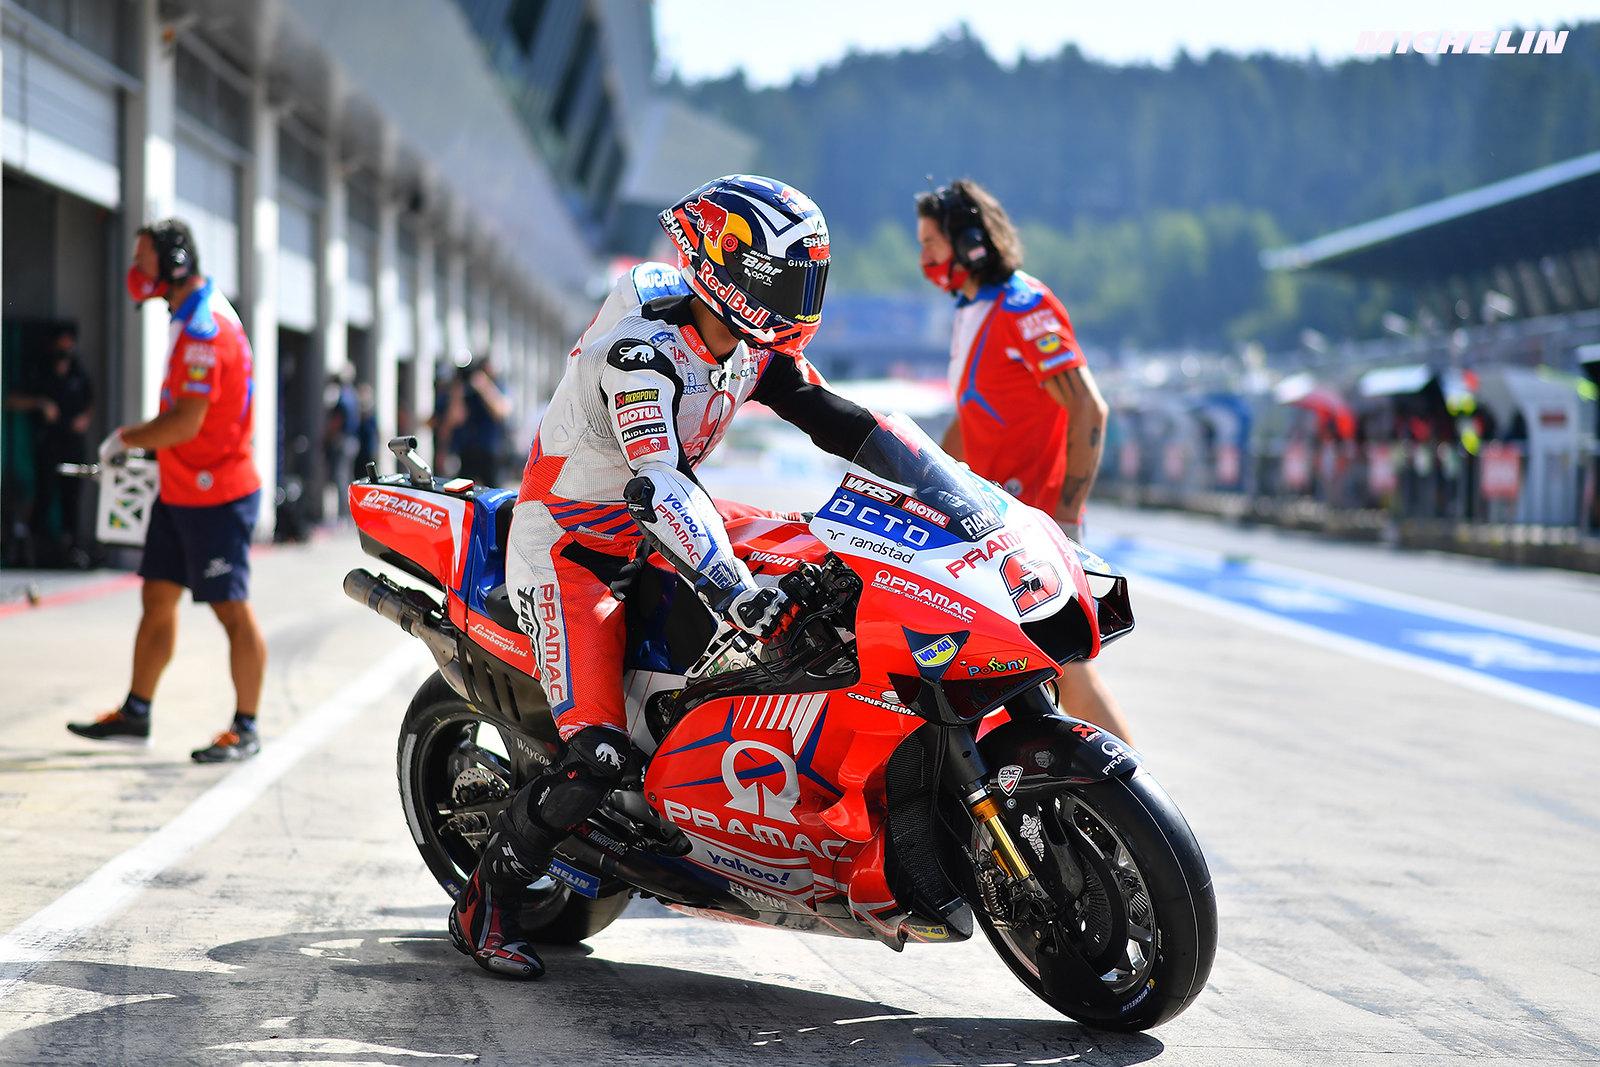 MotoGP2021オーストリアGP FP1  1位ヨハン・ザルコ「FP1最後にソフトリアを使用した」